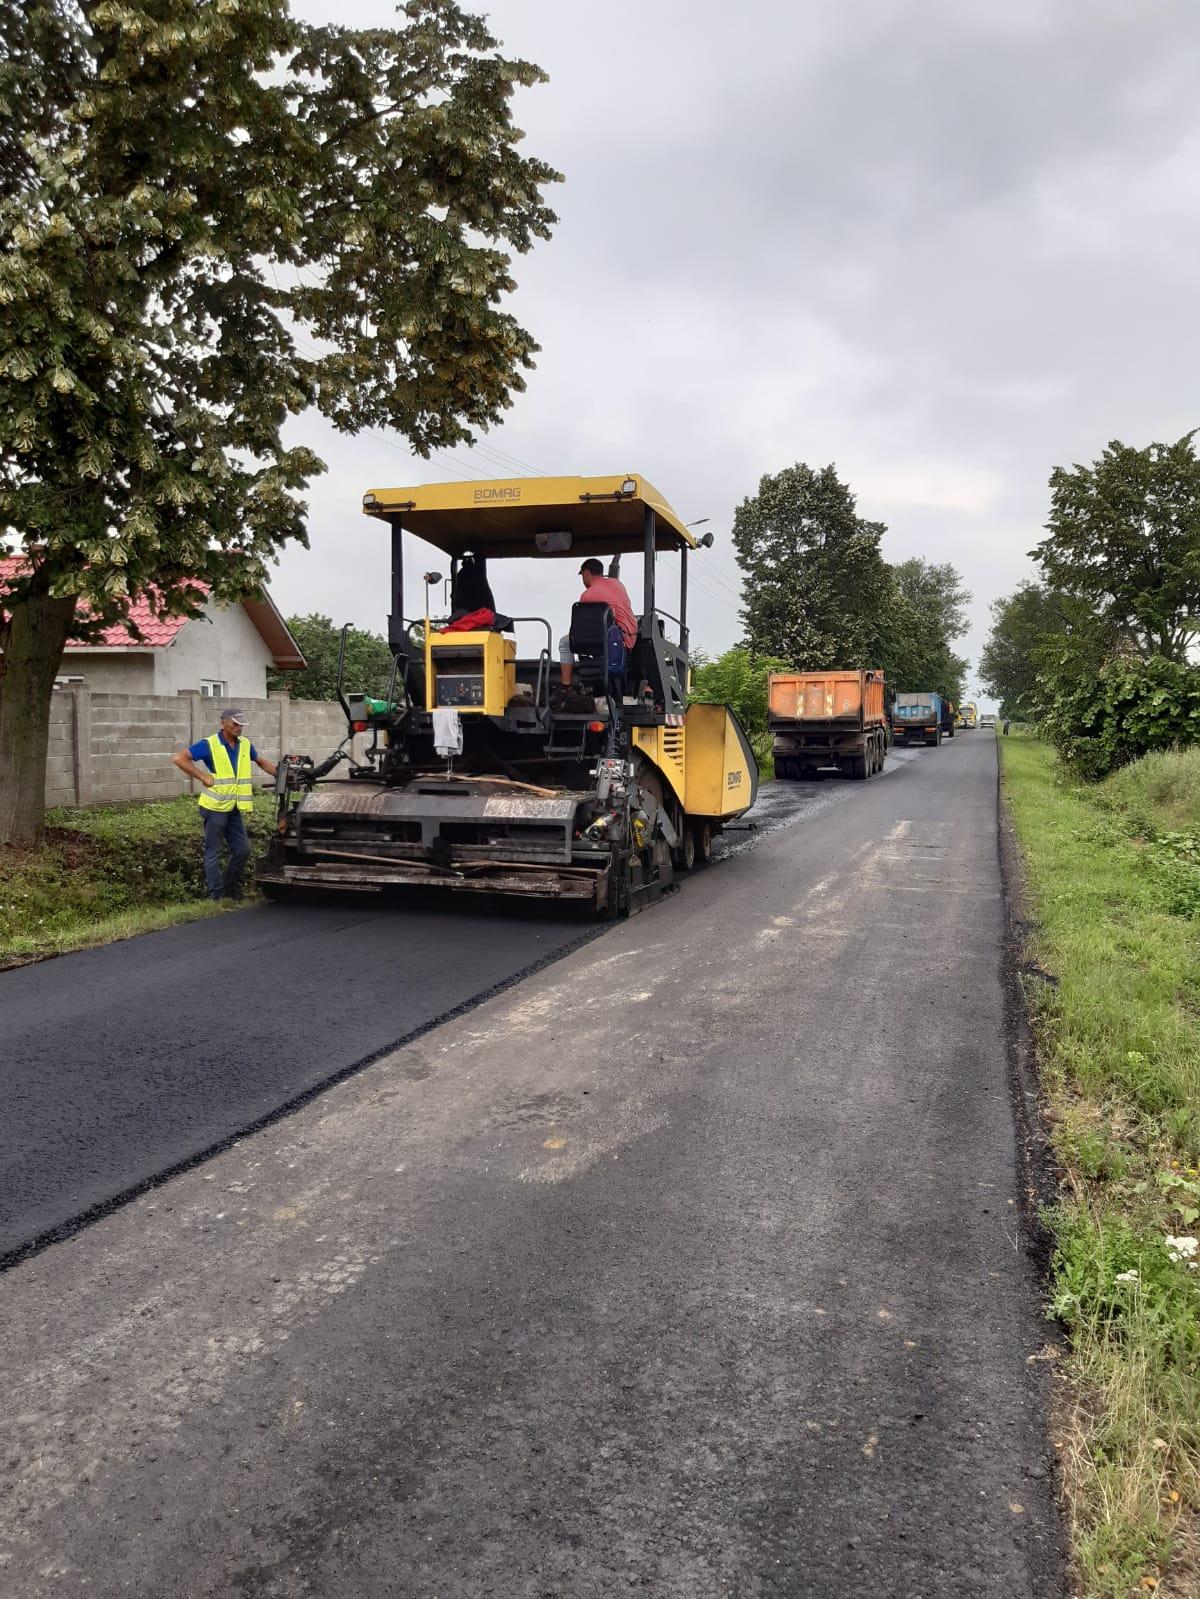 Au fost finalizate lucrările de asfaltare pe DJ 282 Drăgușeni – Coțușca – Rădăuți Prut